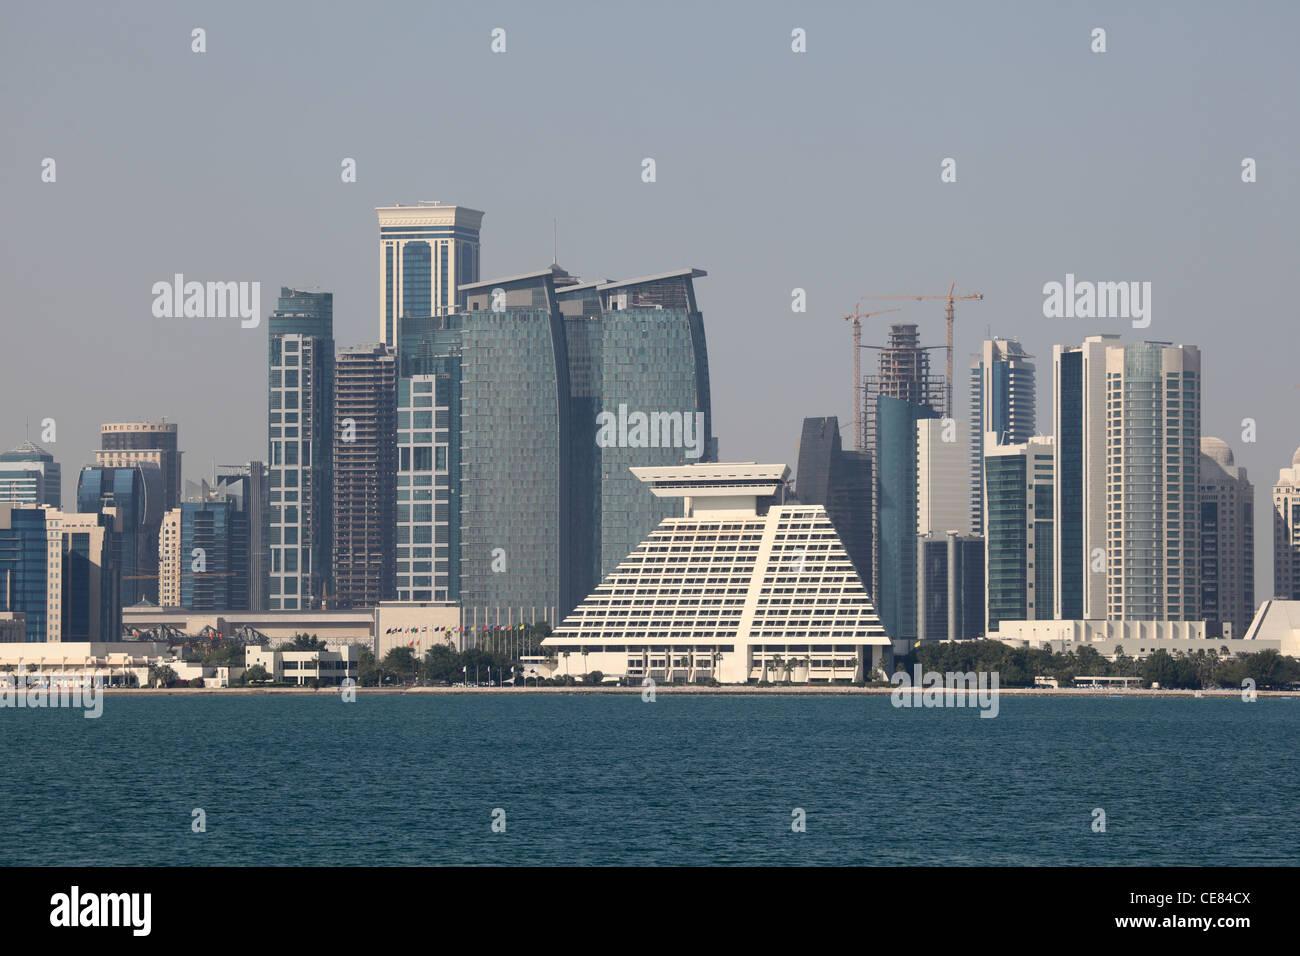 Horizonte del distrito centro de Doha Dafna. Qatar, Oriente Medio Imagen De Stock